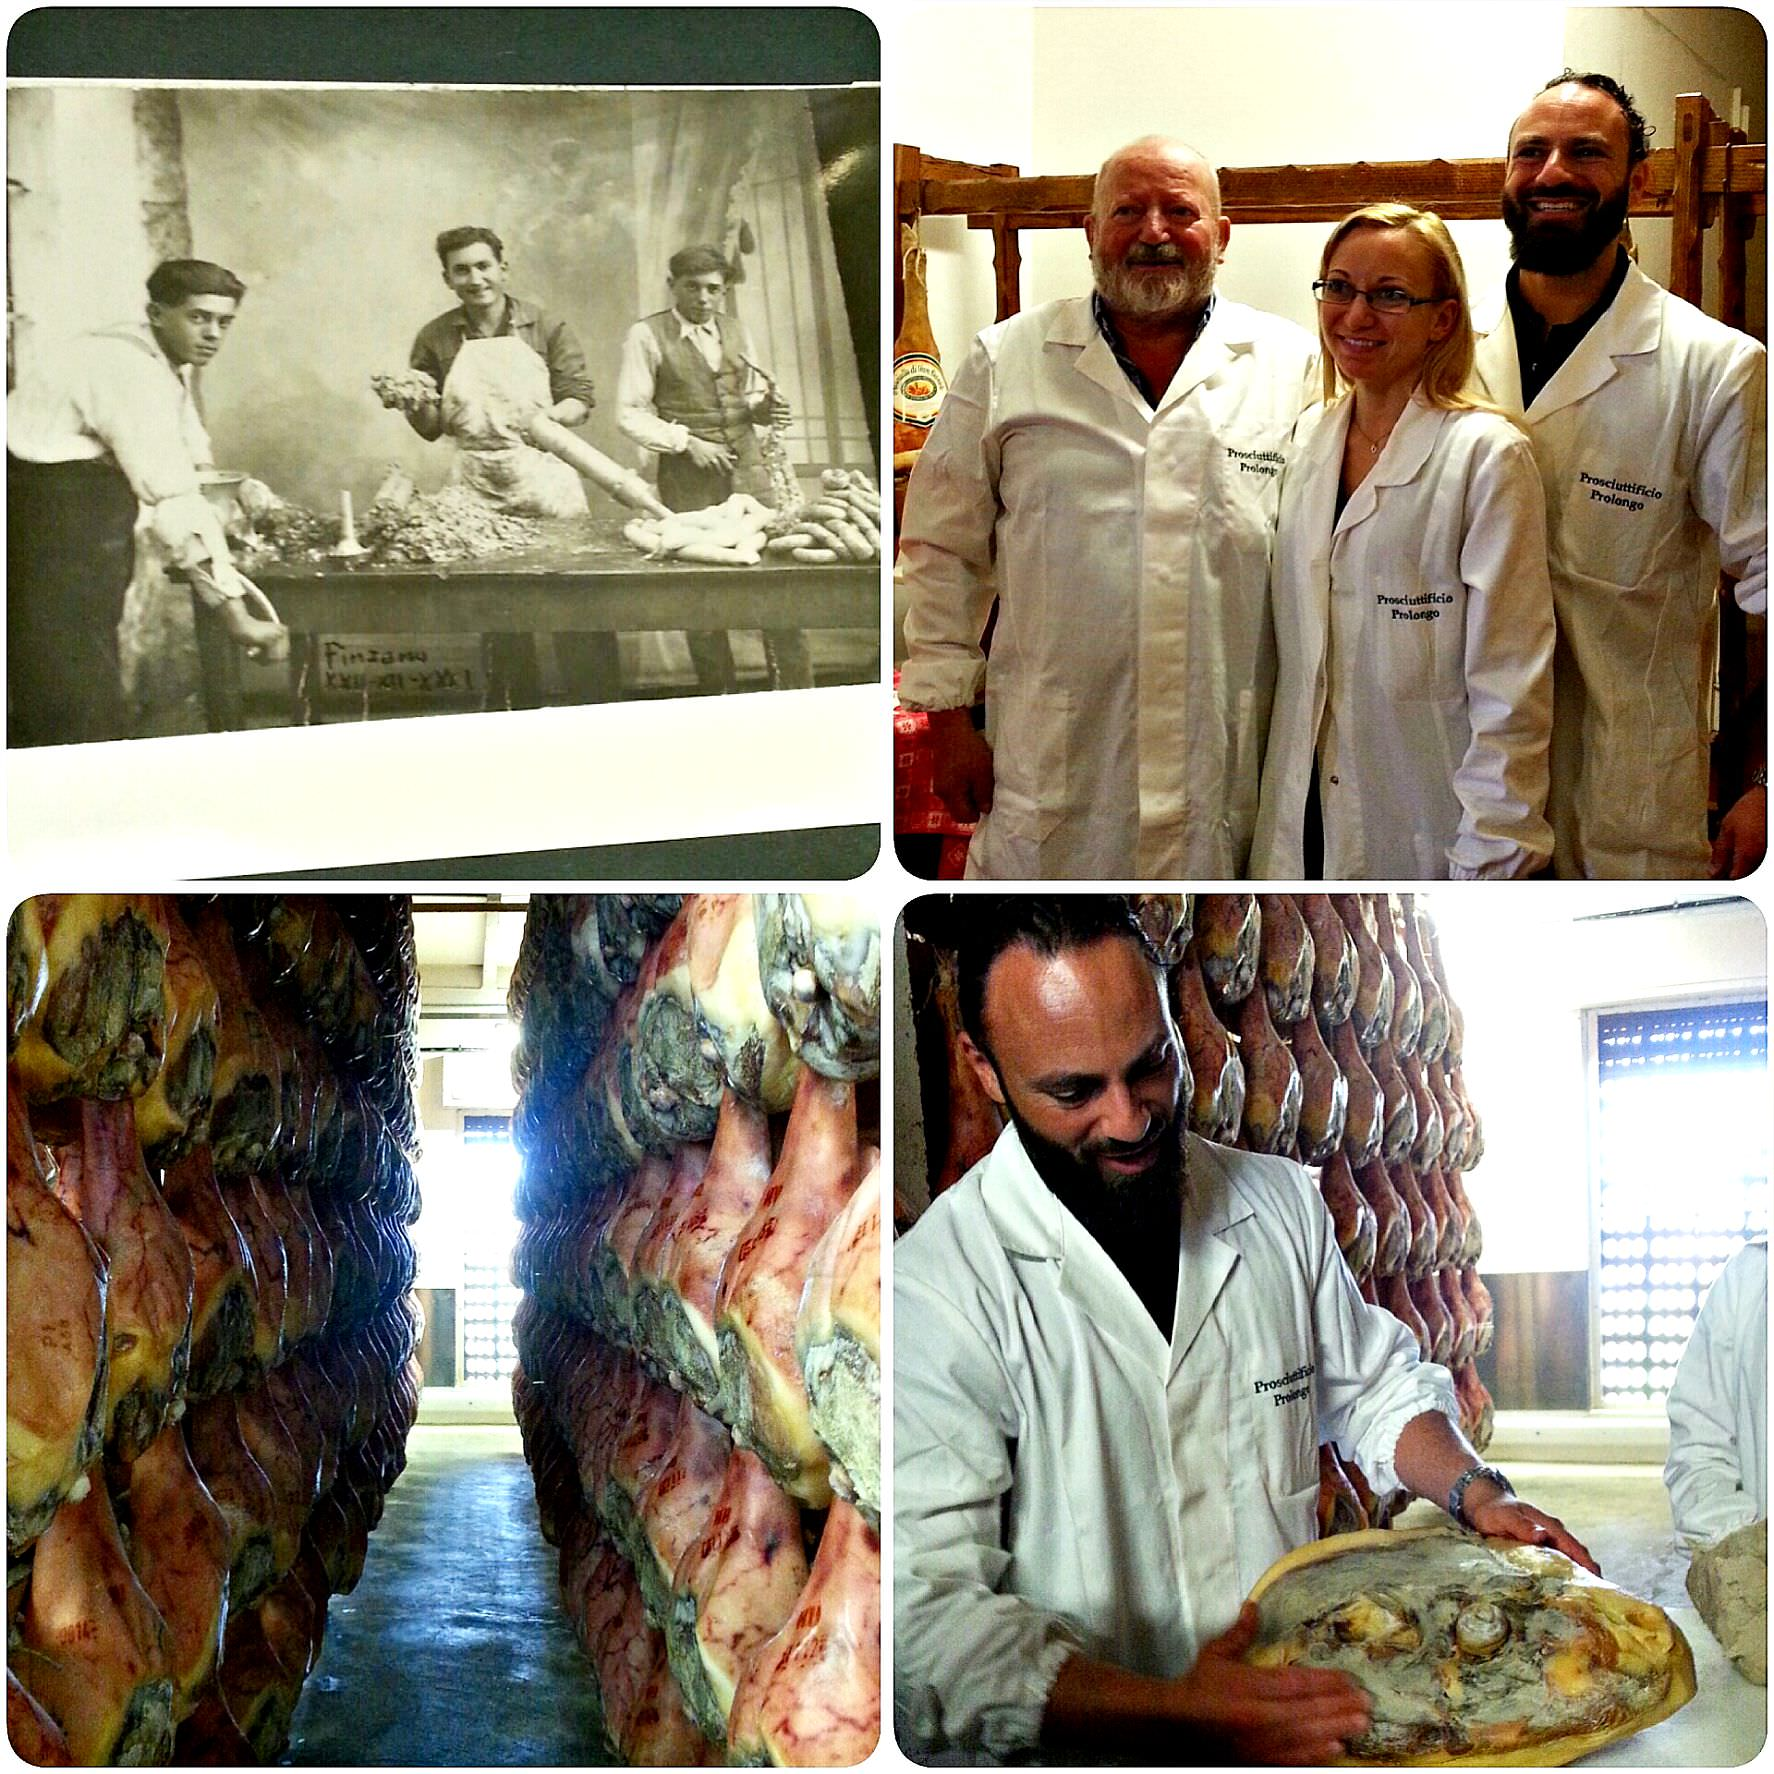 La familgia Prolongo: artigiani del prosciutto San Daniele da tre generazioni